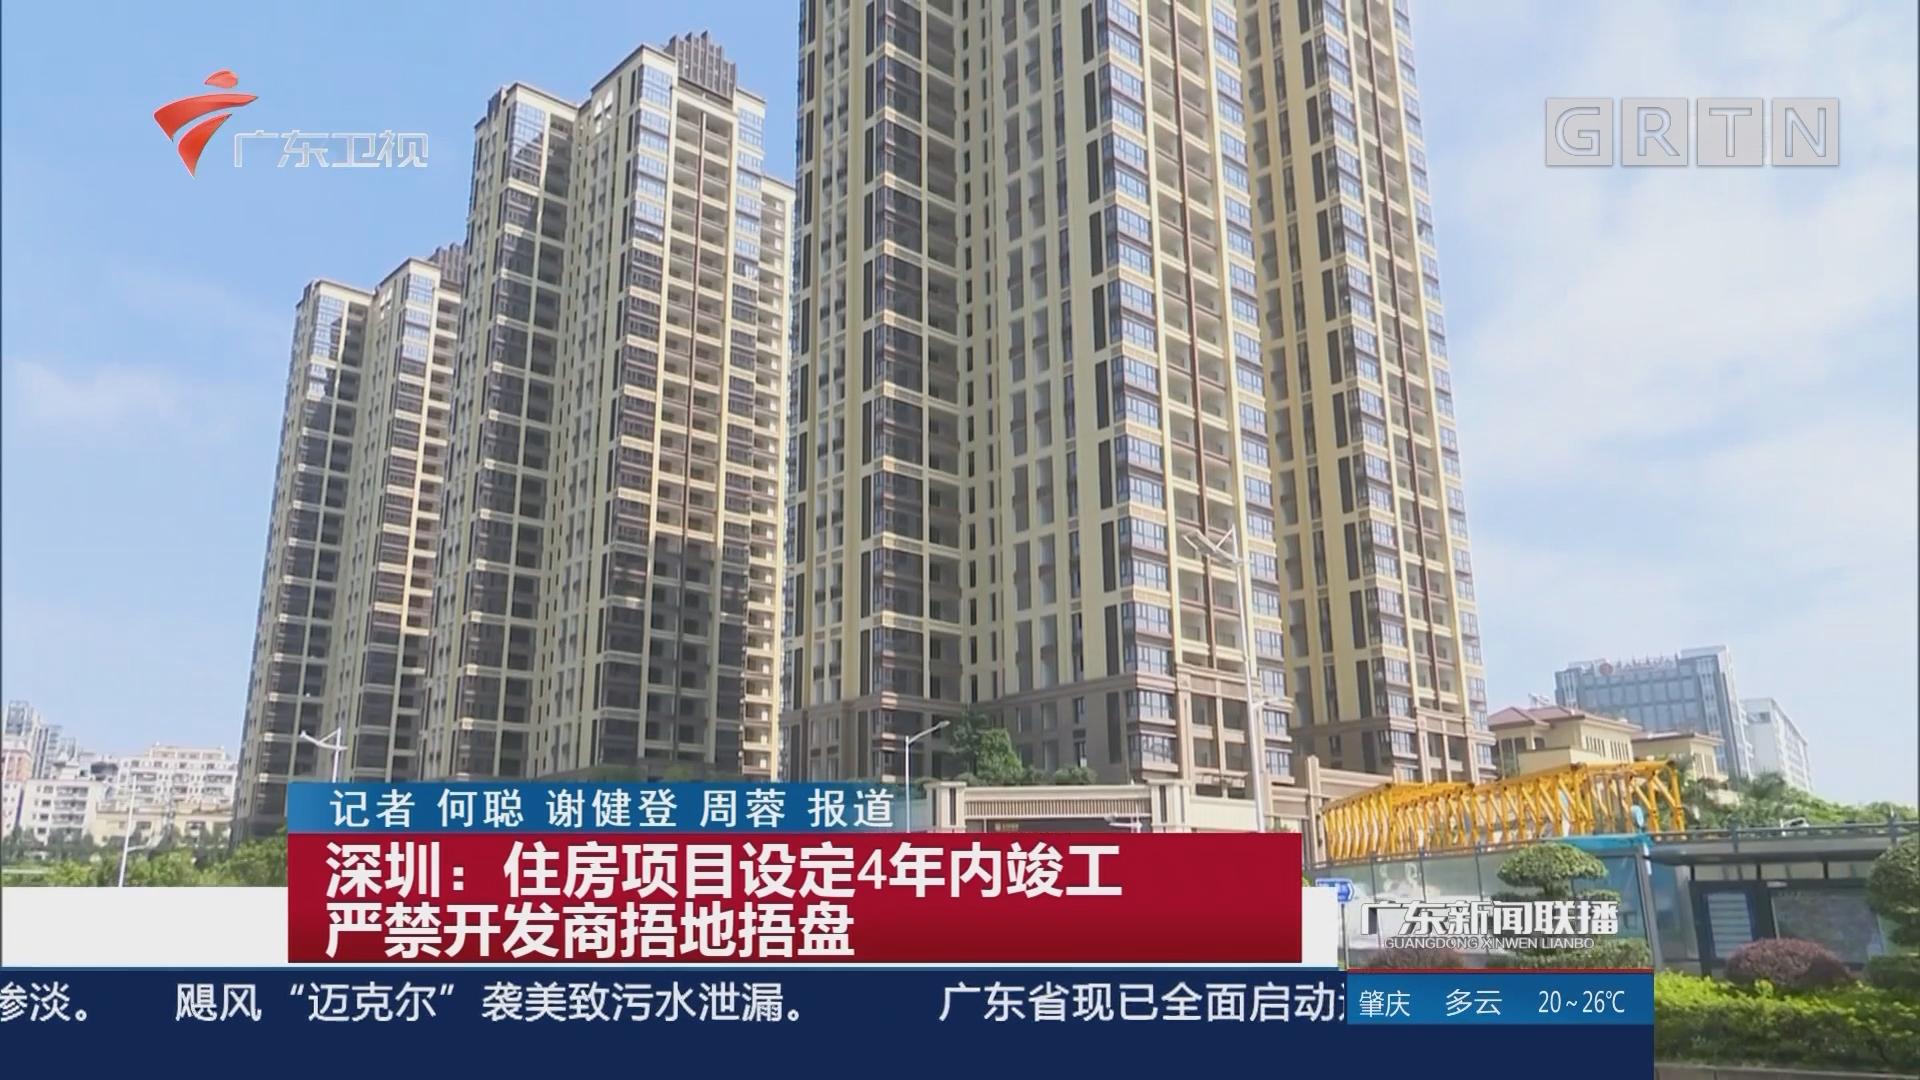 深圳:住房项目设定4年内竣工 严禁开发商捂地捂盘